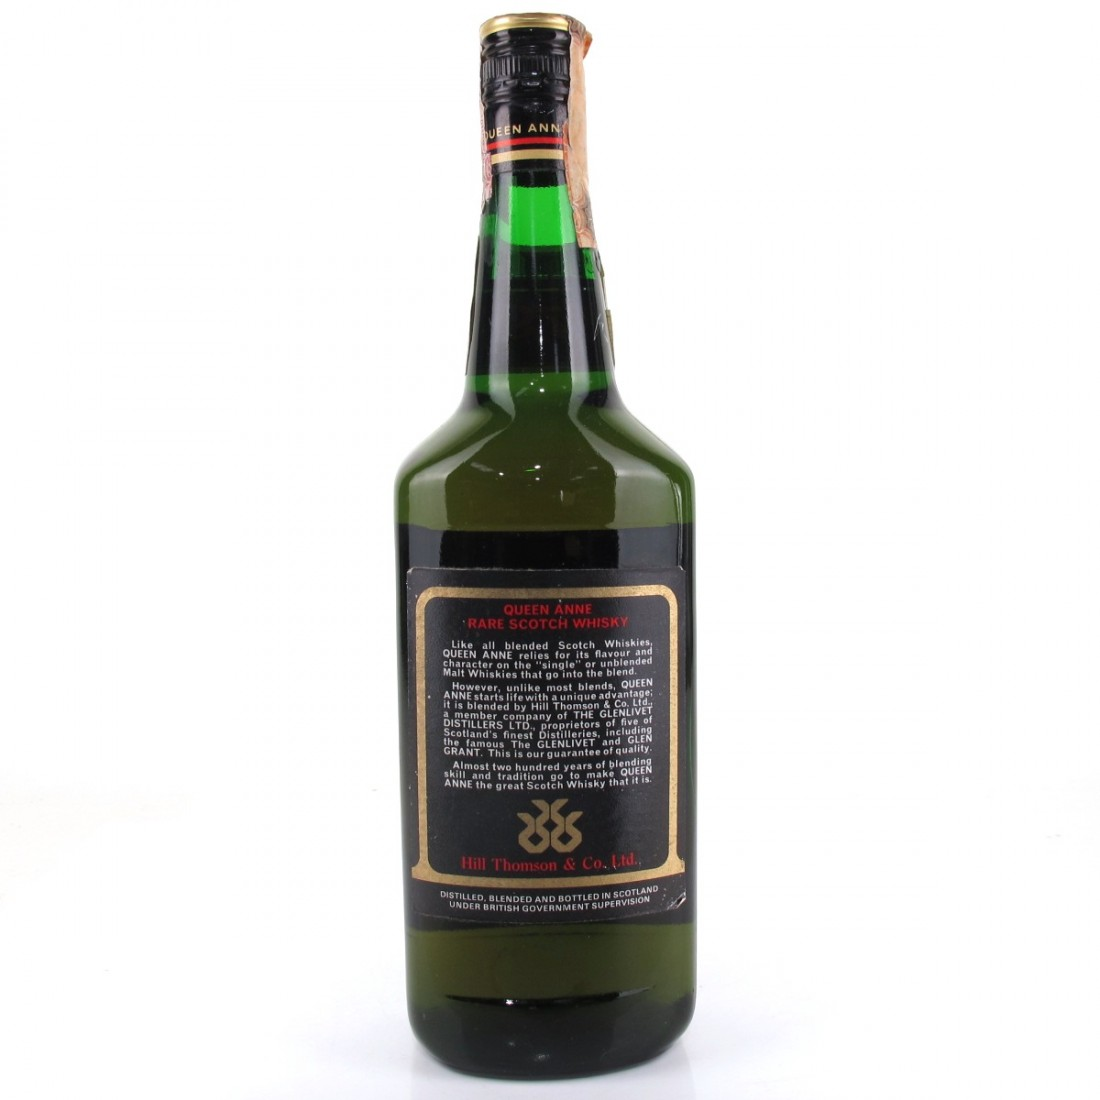 Queen Anne Rare Scotch 1960s